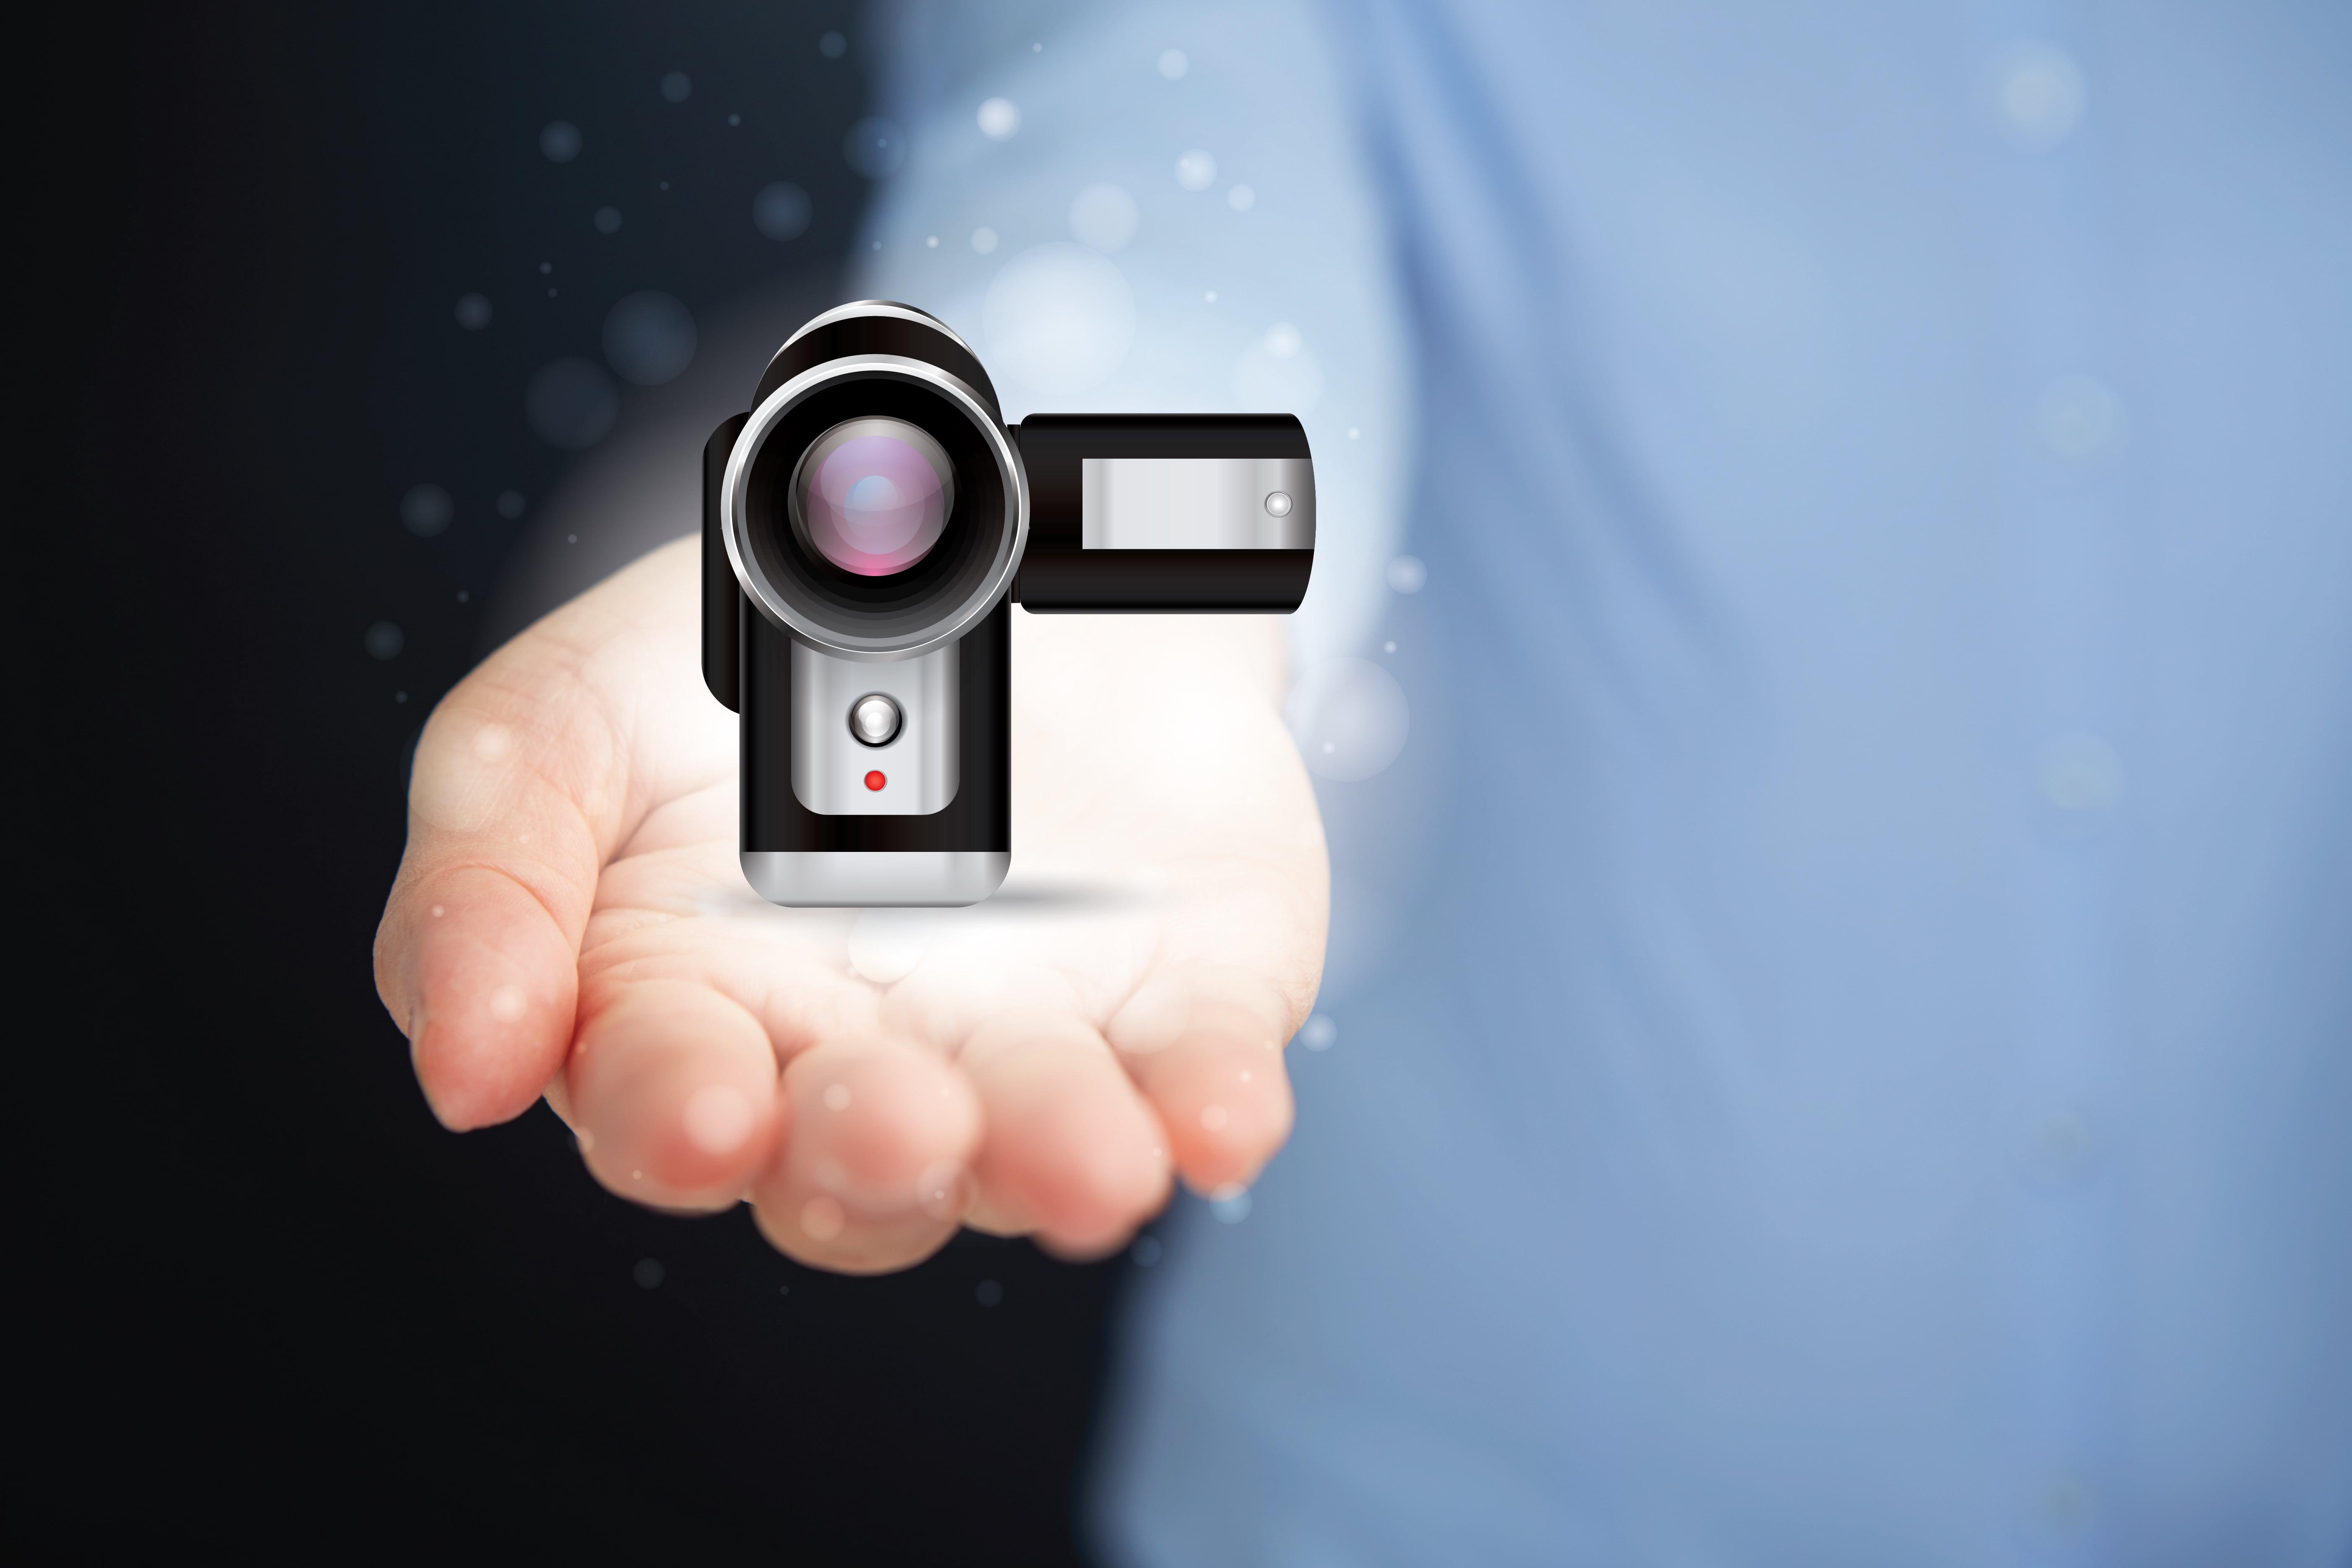 טיפים להקמת מצלמות אבטחה במעגל סגור